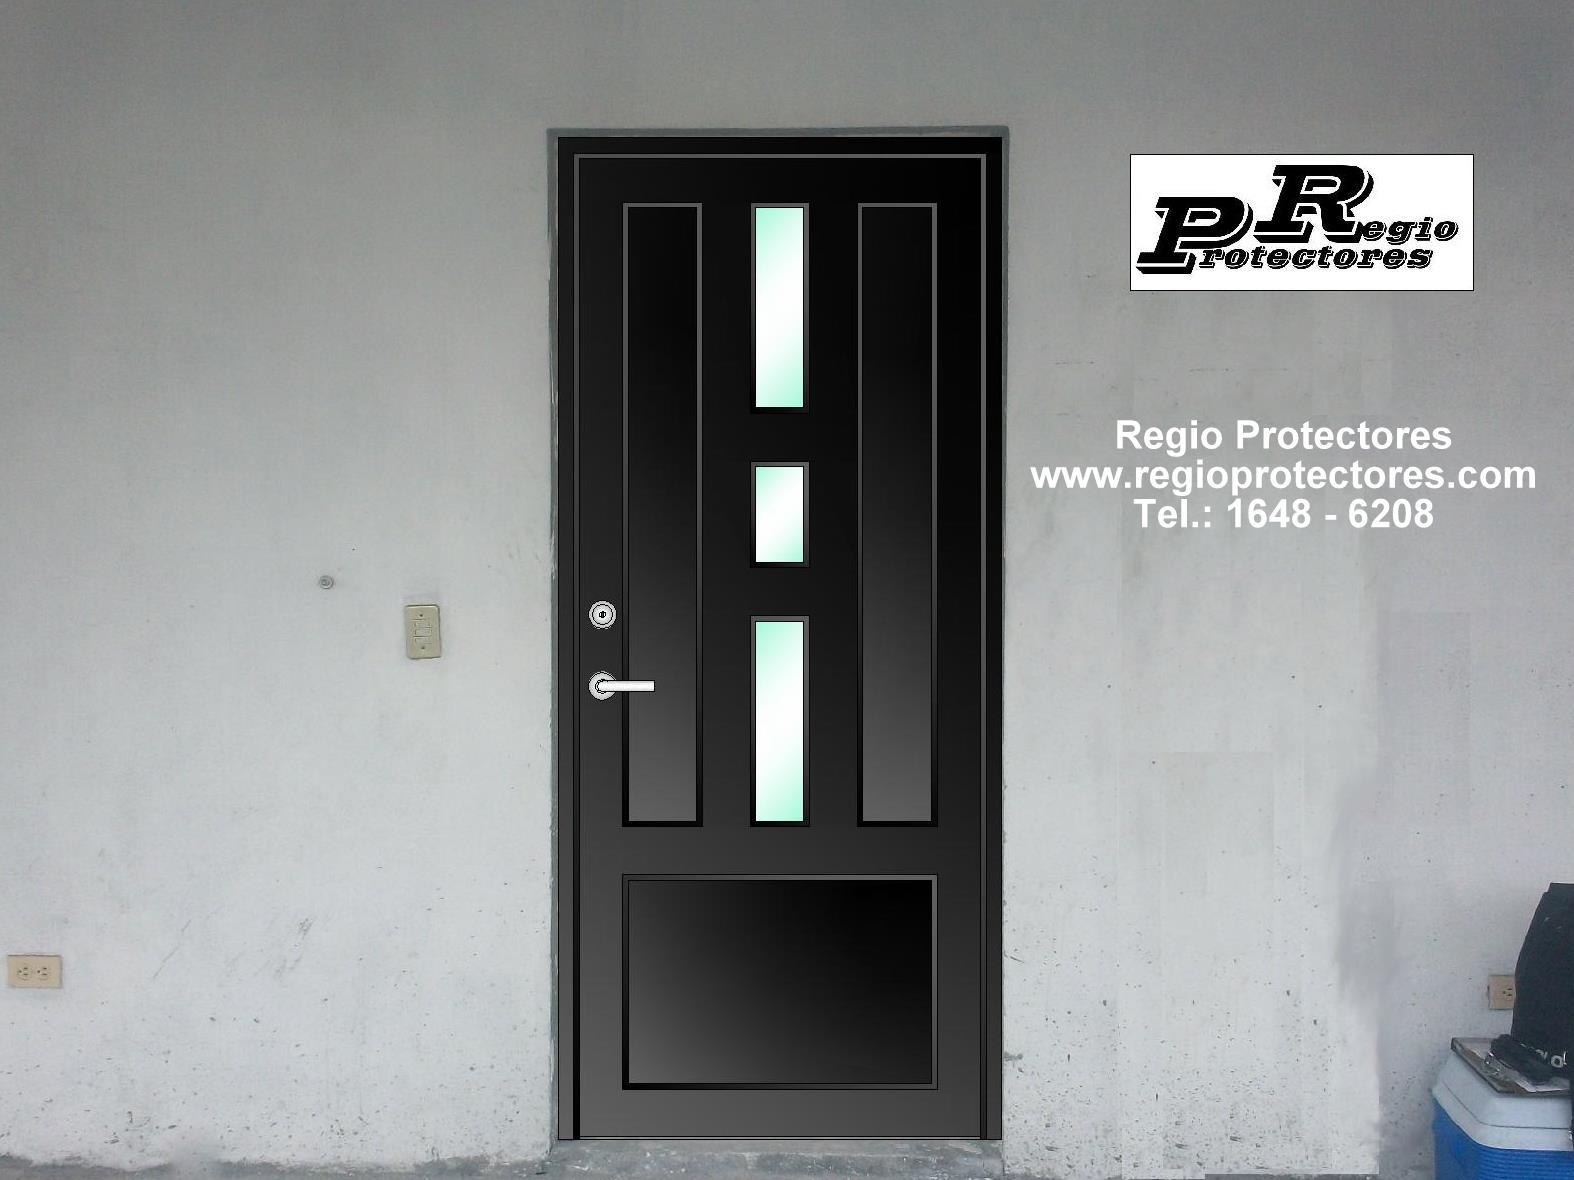 Puertas principales fotos presupuesto imagenes picture for Presupuesto puertas interior